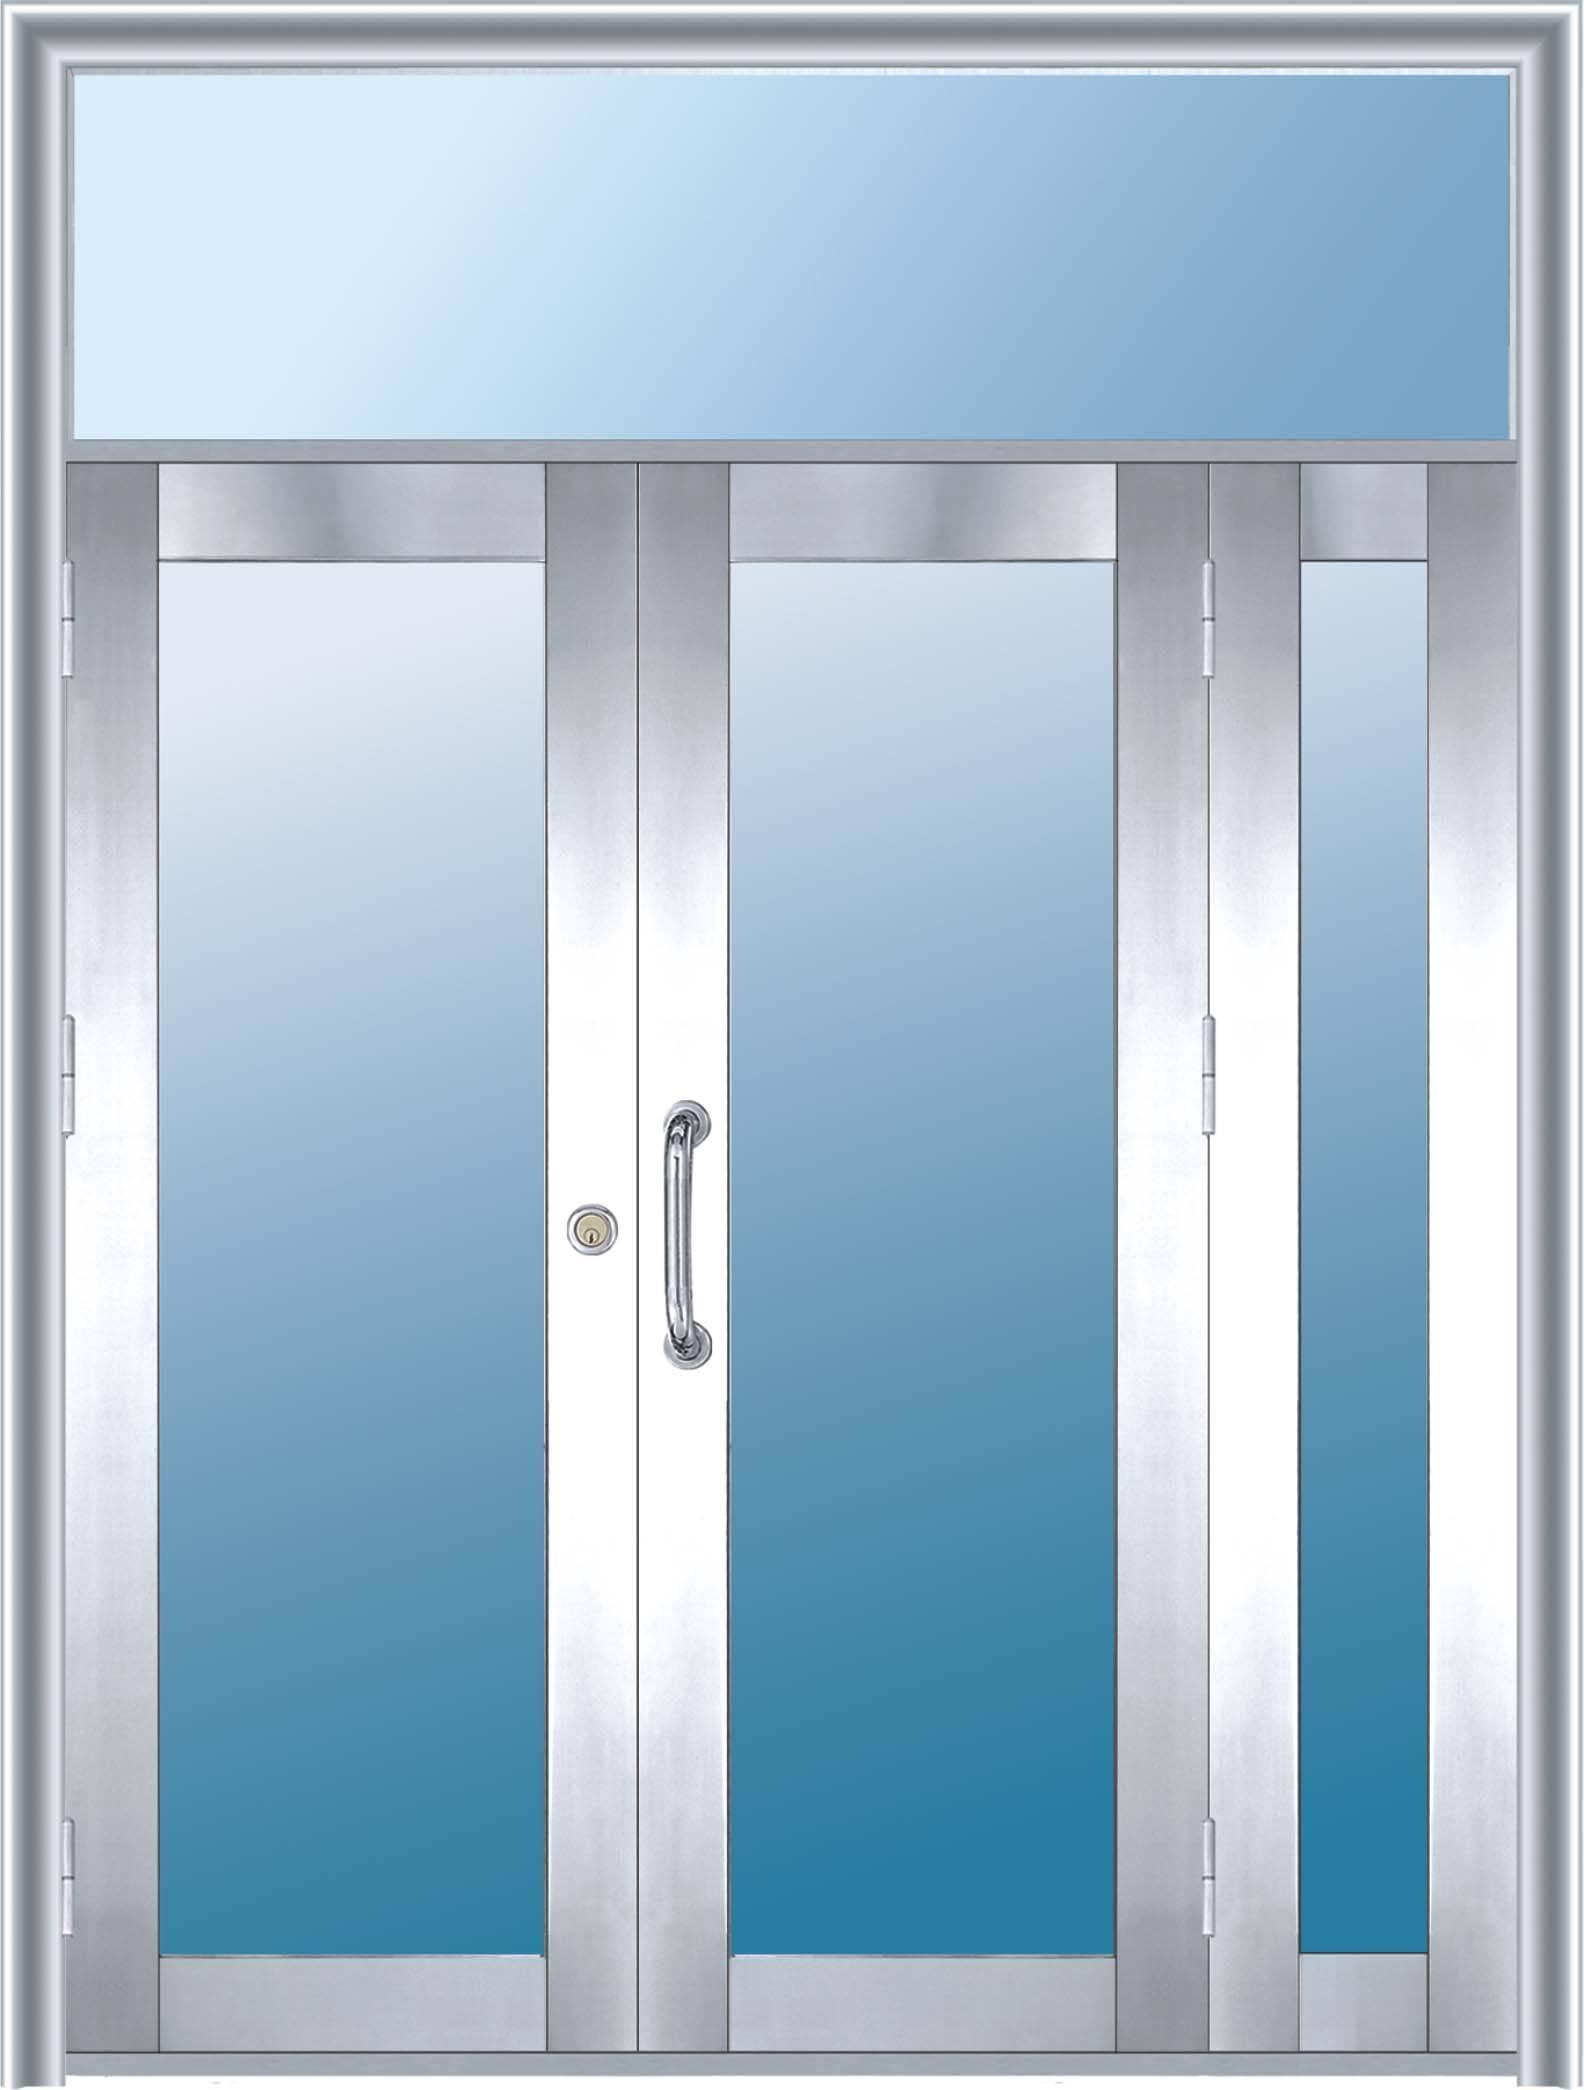 不锈钢对开门产品图片,不锈钢对开门产品相册 - 青岛